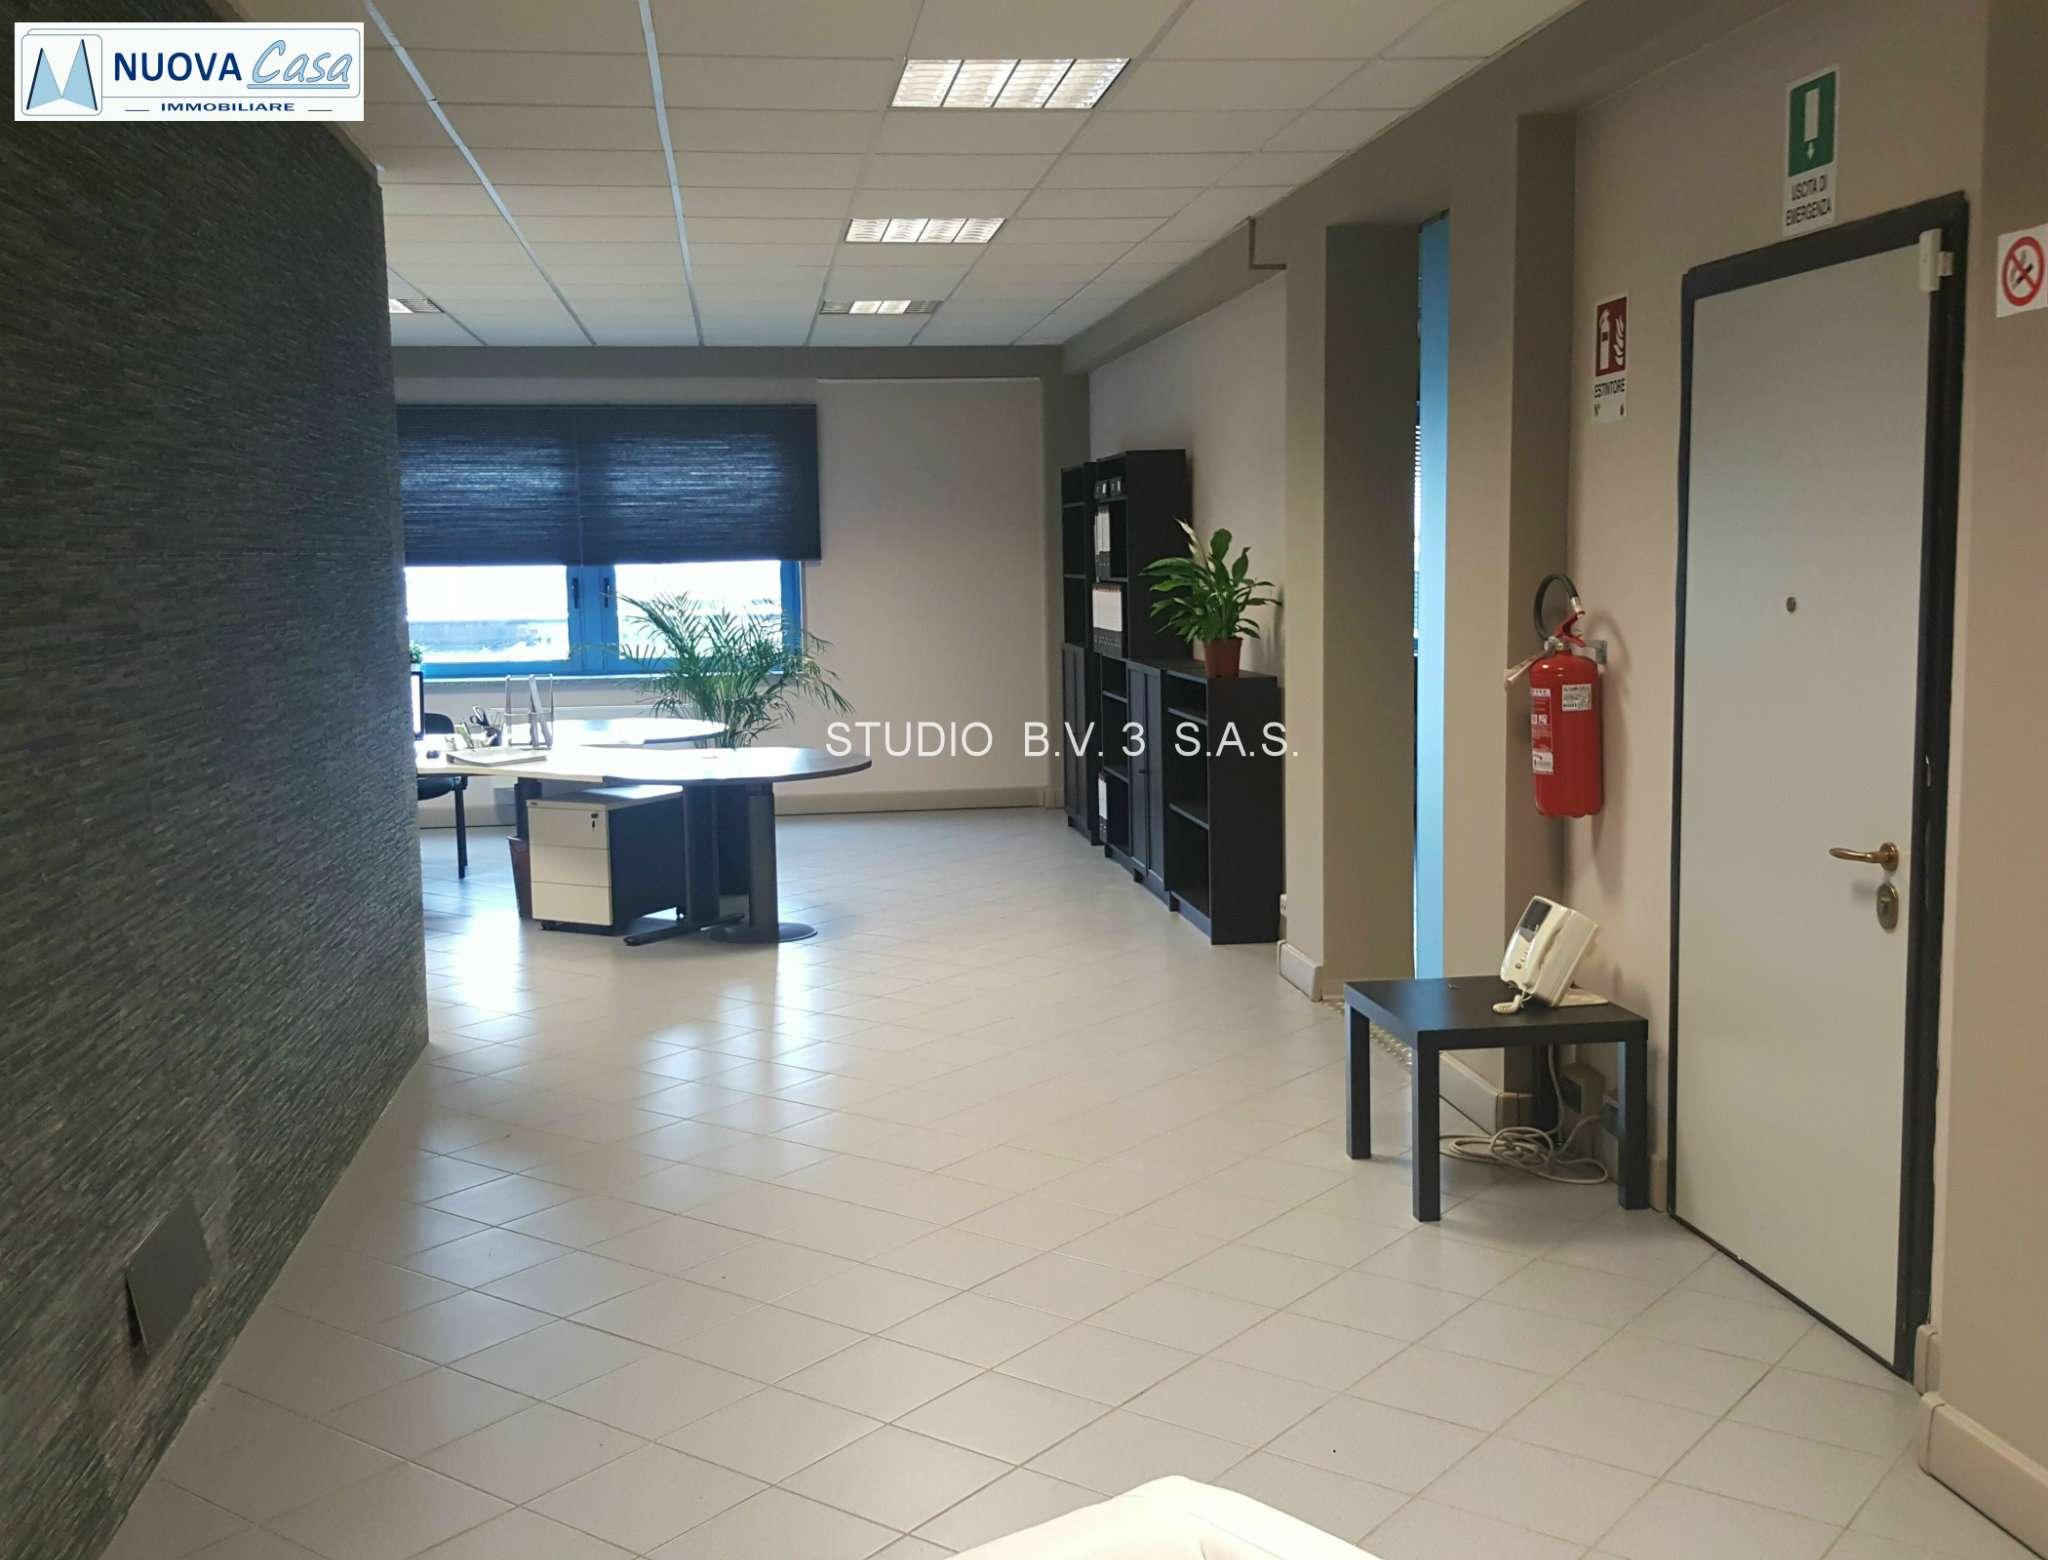 Ufficio Casa Alpignano : Ufficio studio alpignano vendita u ac mq riscaldamento